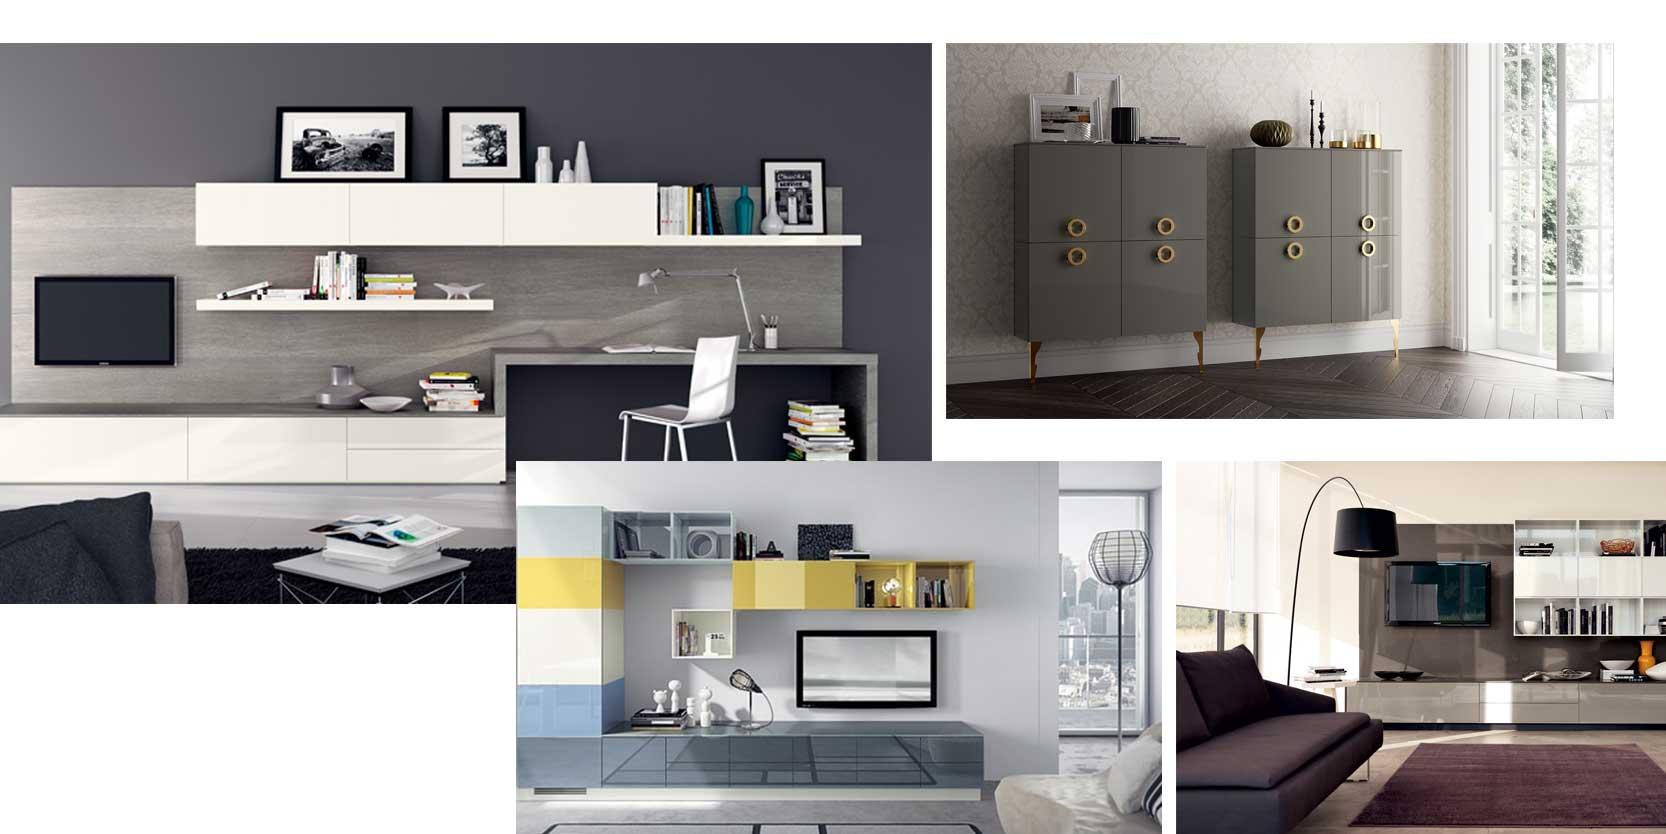 Arredo living e soggiorno in campania scavolini casadesign for Arredo casa design